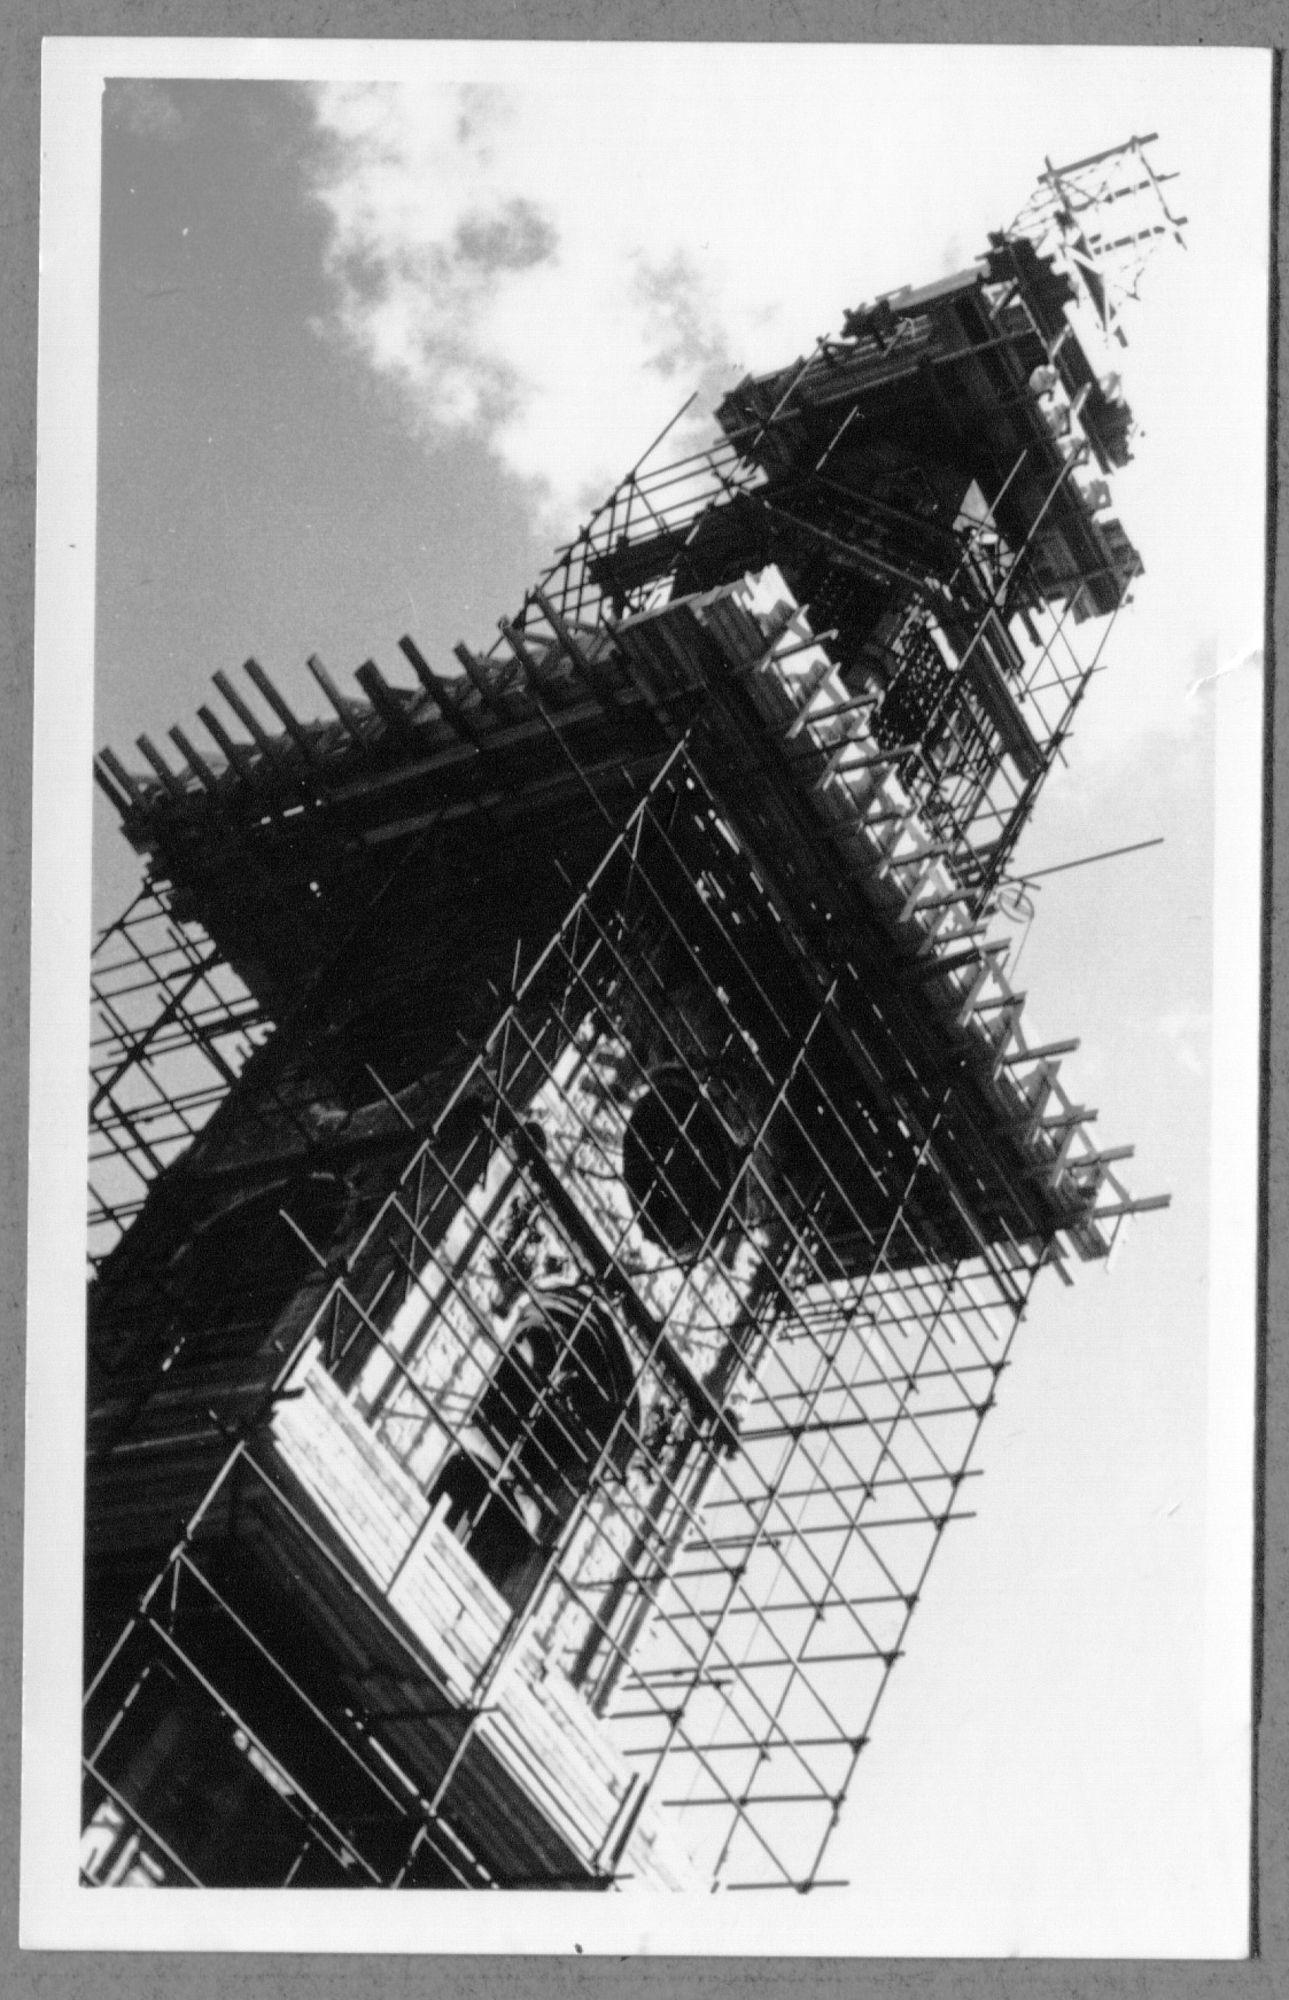 Stellingen rond toren postgebouw